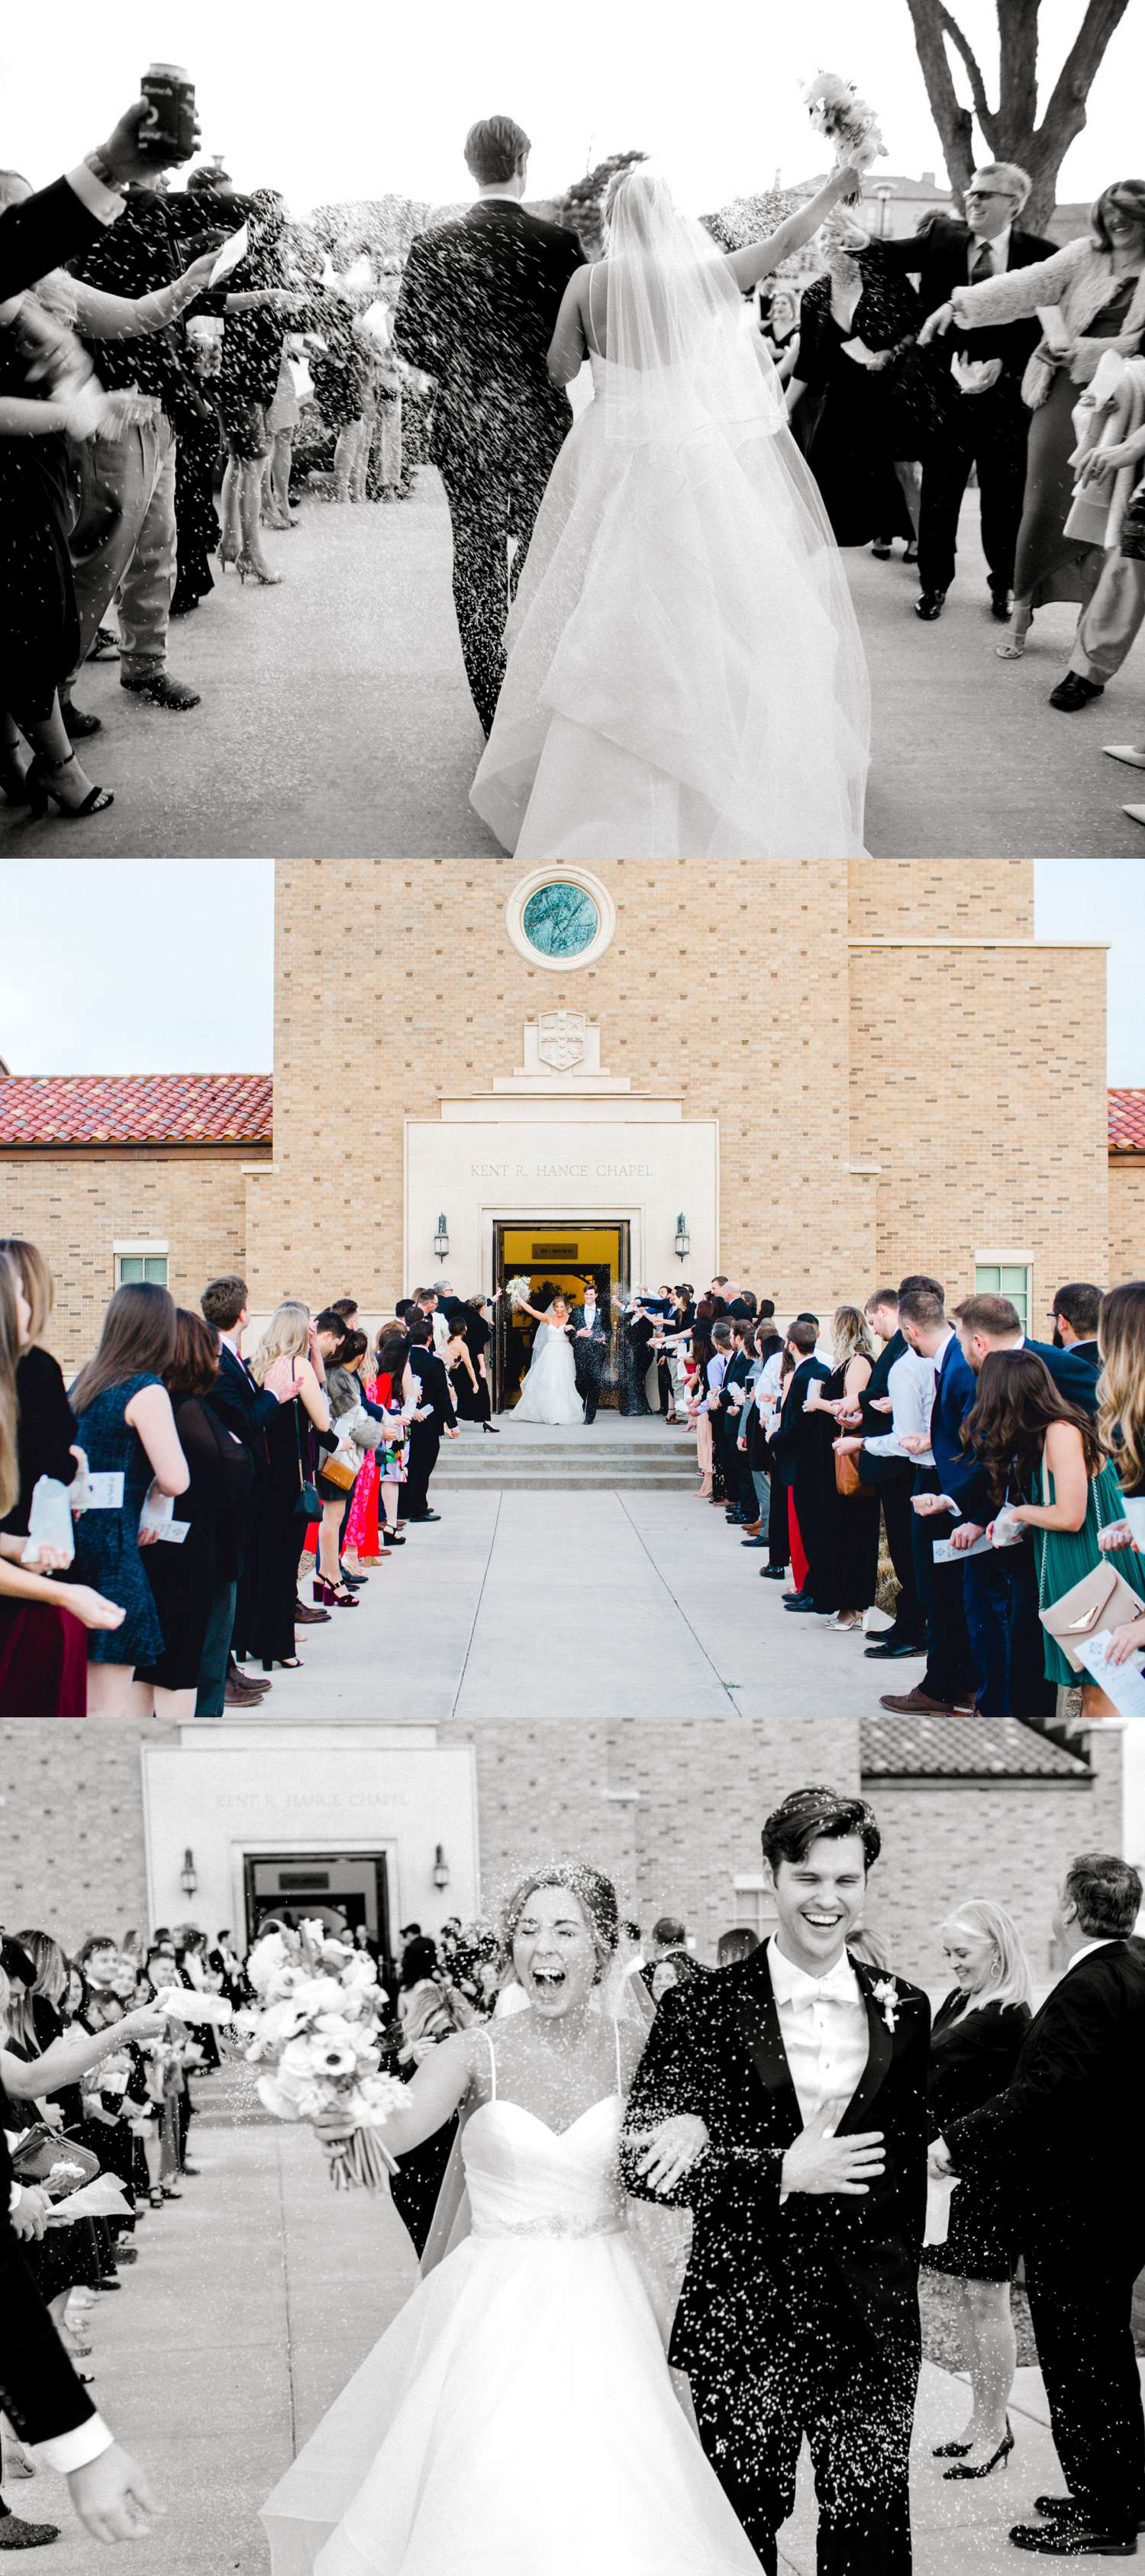 MARLEE+LLOYD+MORGAN+ALLEEJ+TEXAS+TECH+MERKET+ALUMNI+WEDDINGS+LUBBOCK+WEST+TABLE+CLASSIC+SPAIN_0183.jpg